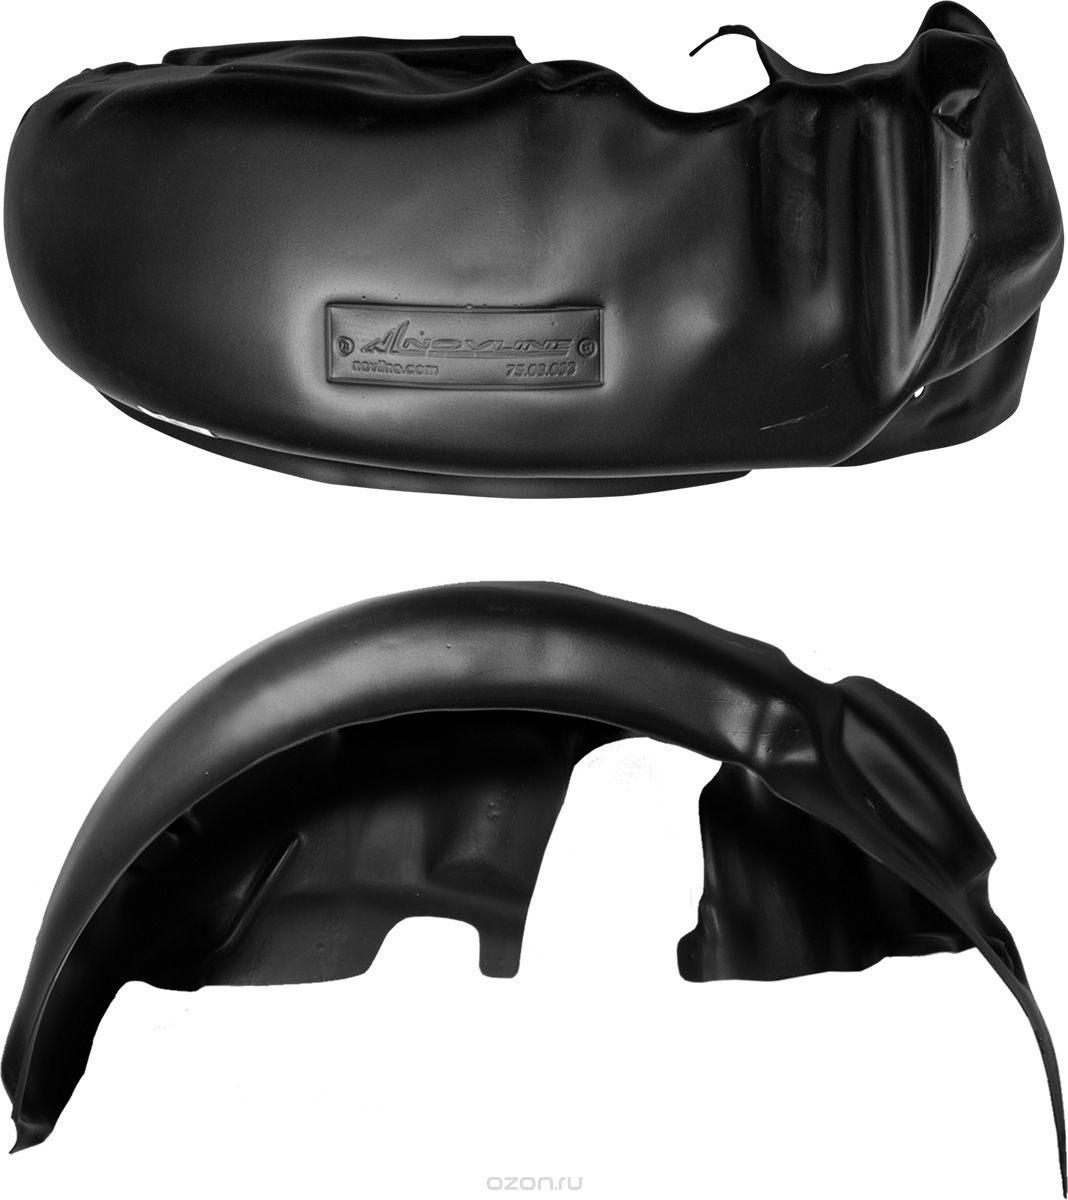 Подкрылок Novline-Autofamily, для MERCEDES-BENZ Sprinter Classic, 2013->, передний левыйVT-1840-BKИдеальная защита колесной ниши. Локеры разработаны с применением цифровых технологий, гарантируют максимальную повторяемость поверхности арки. Изделия устанавливаются без нарушения лакокрасочного покрытия автомобиля, каждый подкрылок комплектуется крепежом. Уважаемые клиенты, обращаем ваше внимание, что фотографии на подкрылки универсальные и не отражают реальную форму изделия. При этом само изделие идет точно под размер указанного автомобиля.